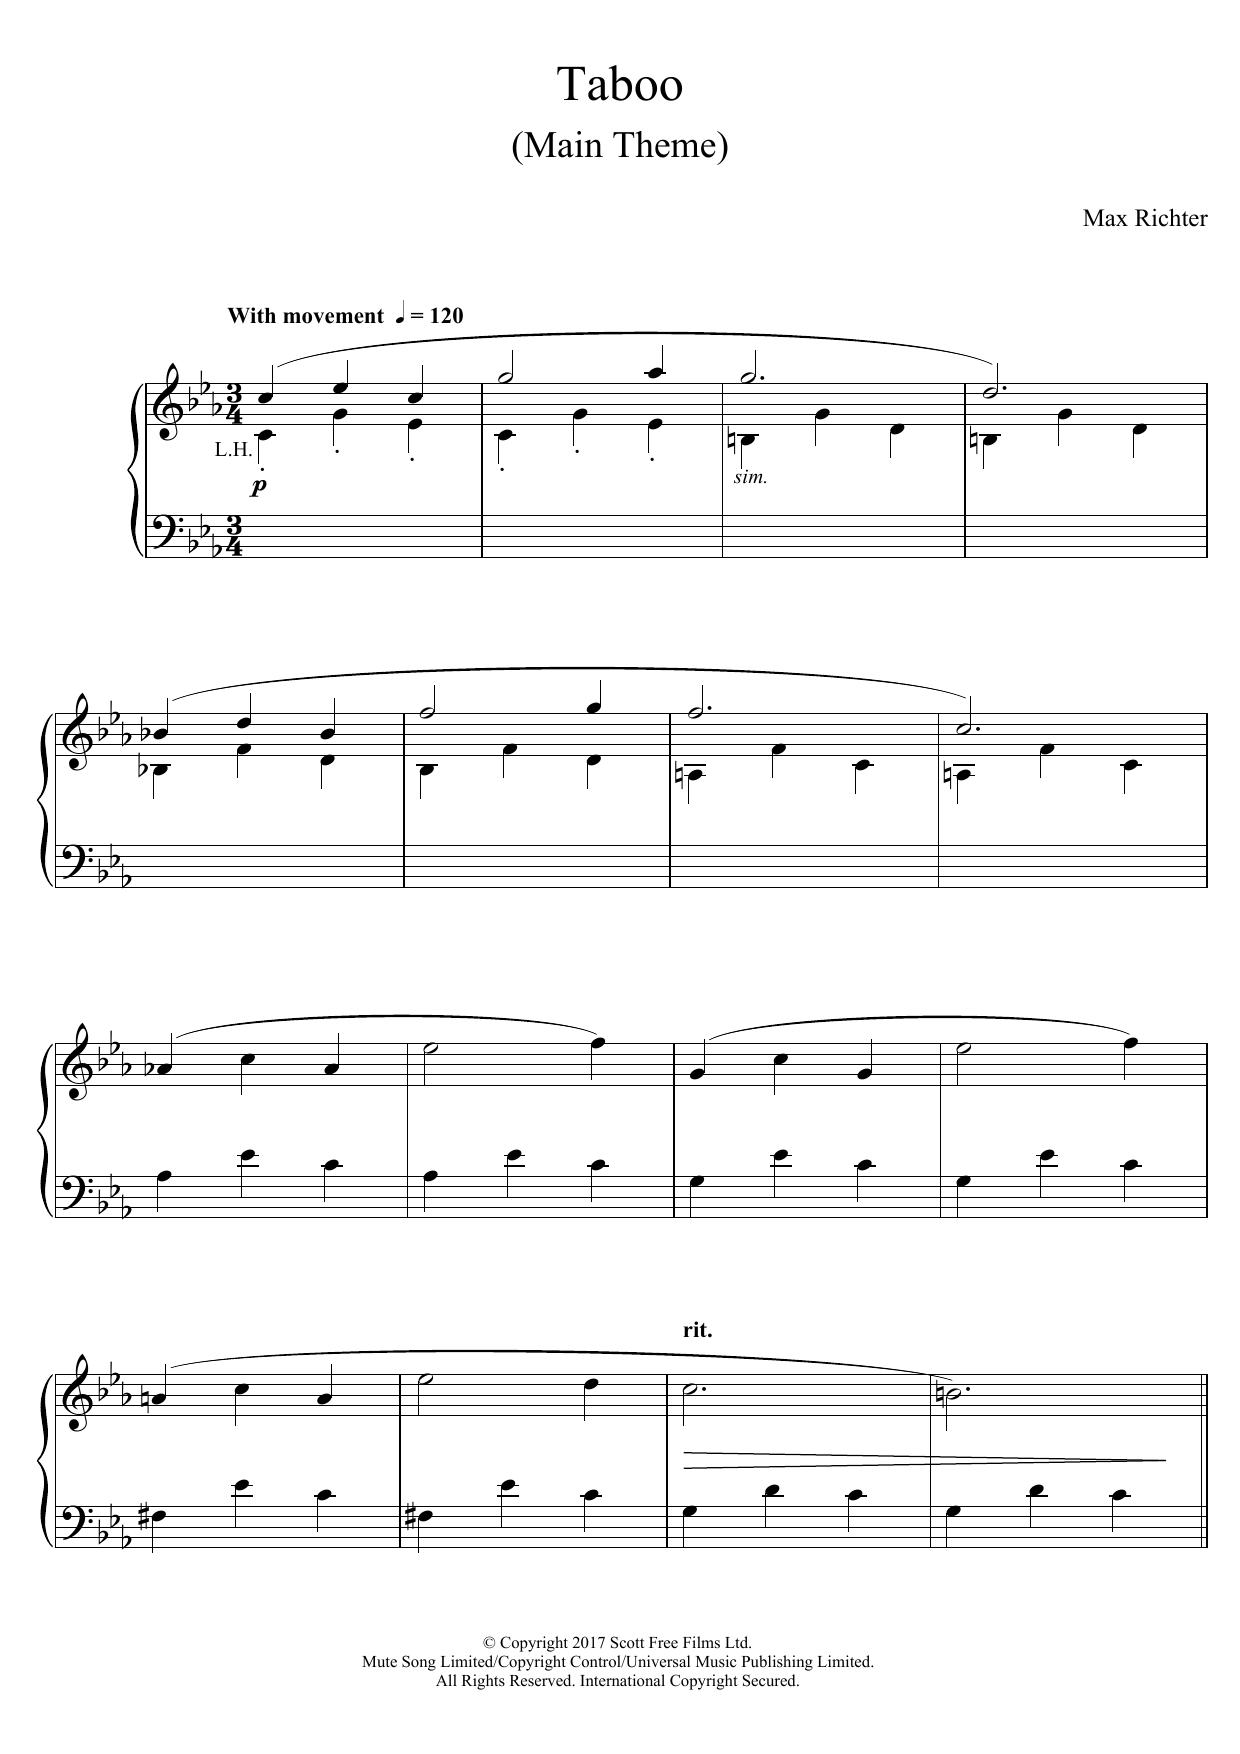 Max Richter - Taboo (Main Theme)